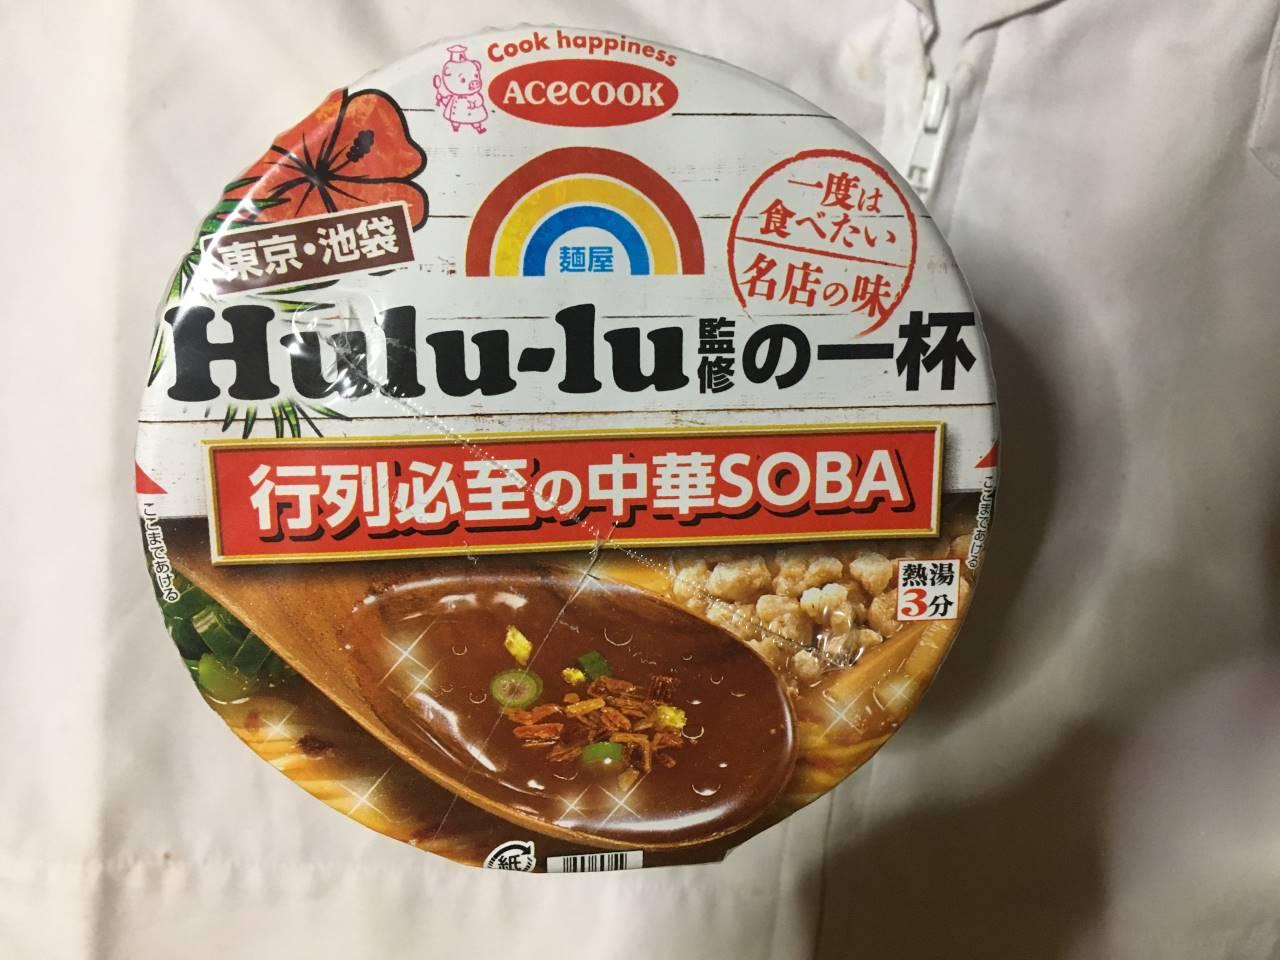 エースコック「東京・池袋 Hulu-lu監修の一杯行列必死の中華SOBA」